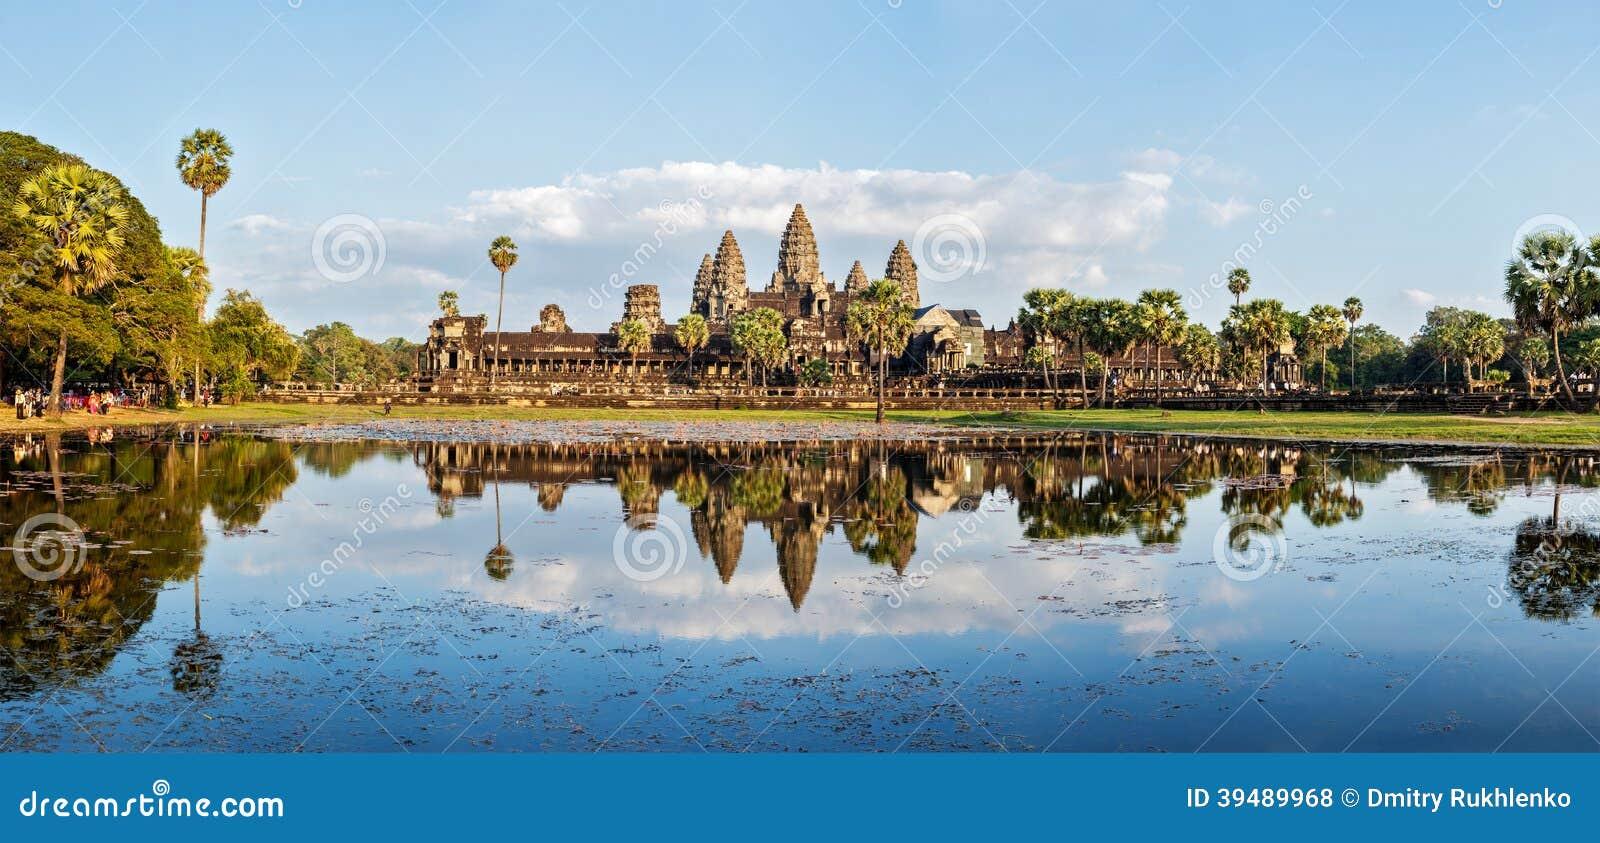 Panorama von Angkor Wat